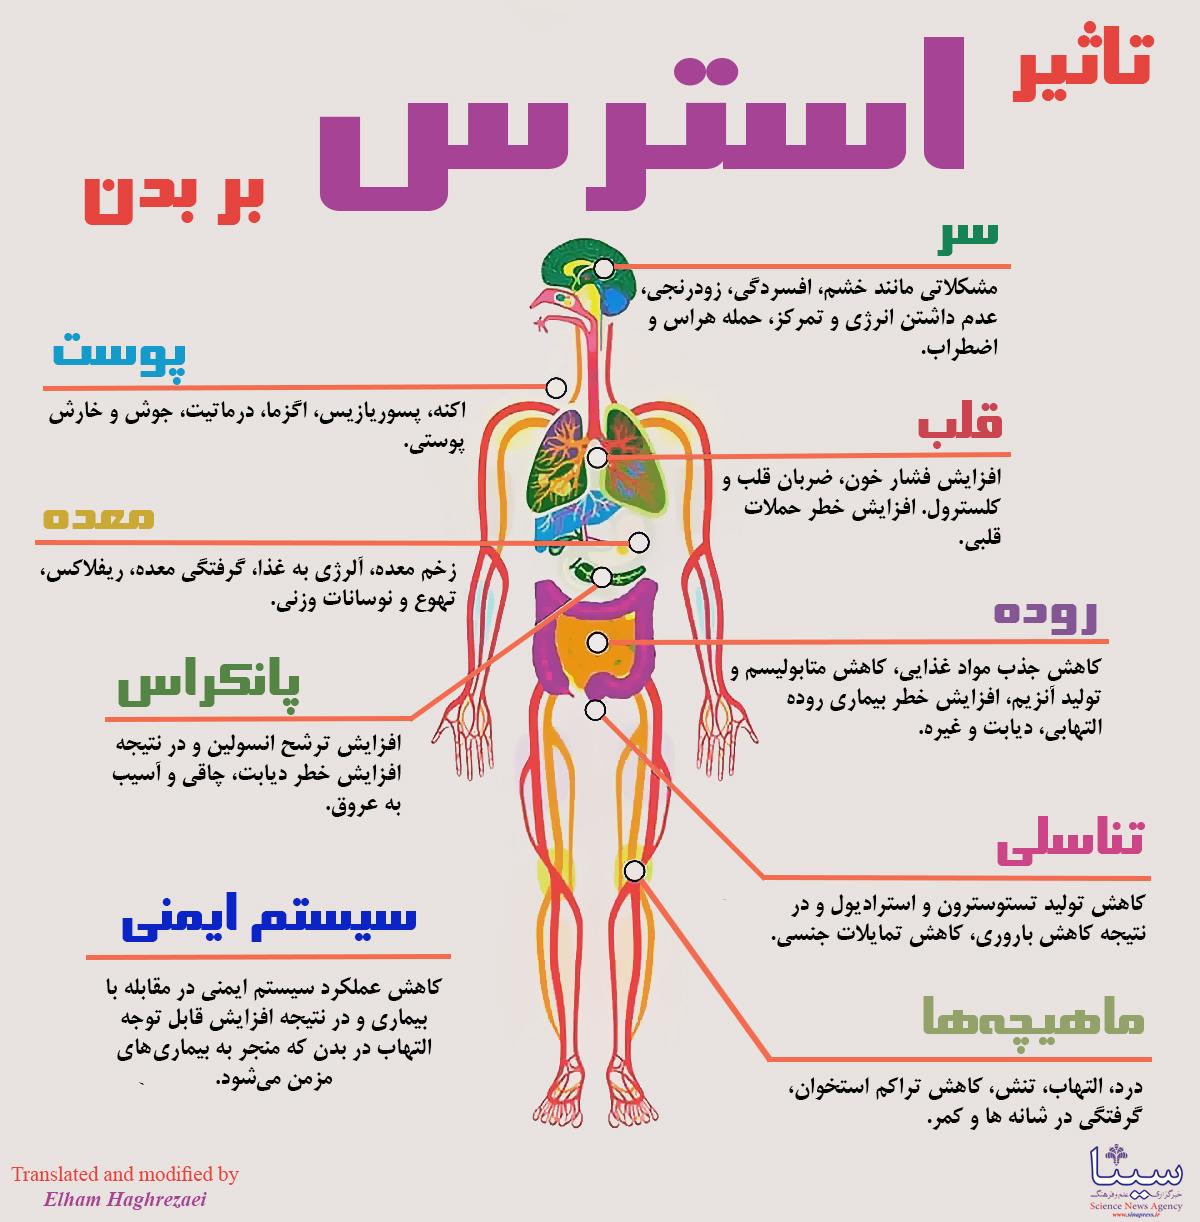 استرس چه بلایی بر سر بدن می آورد؟